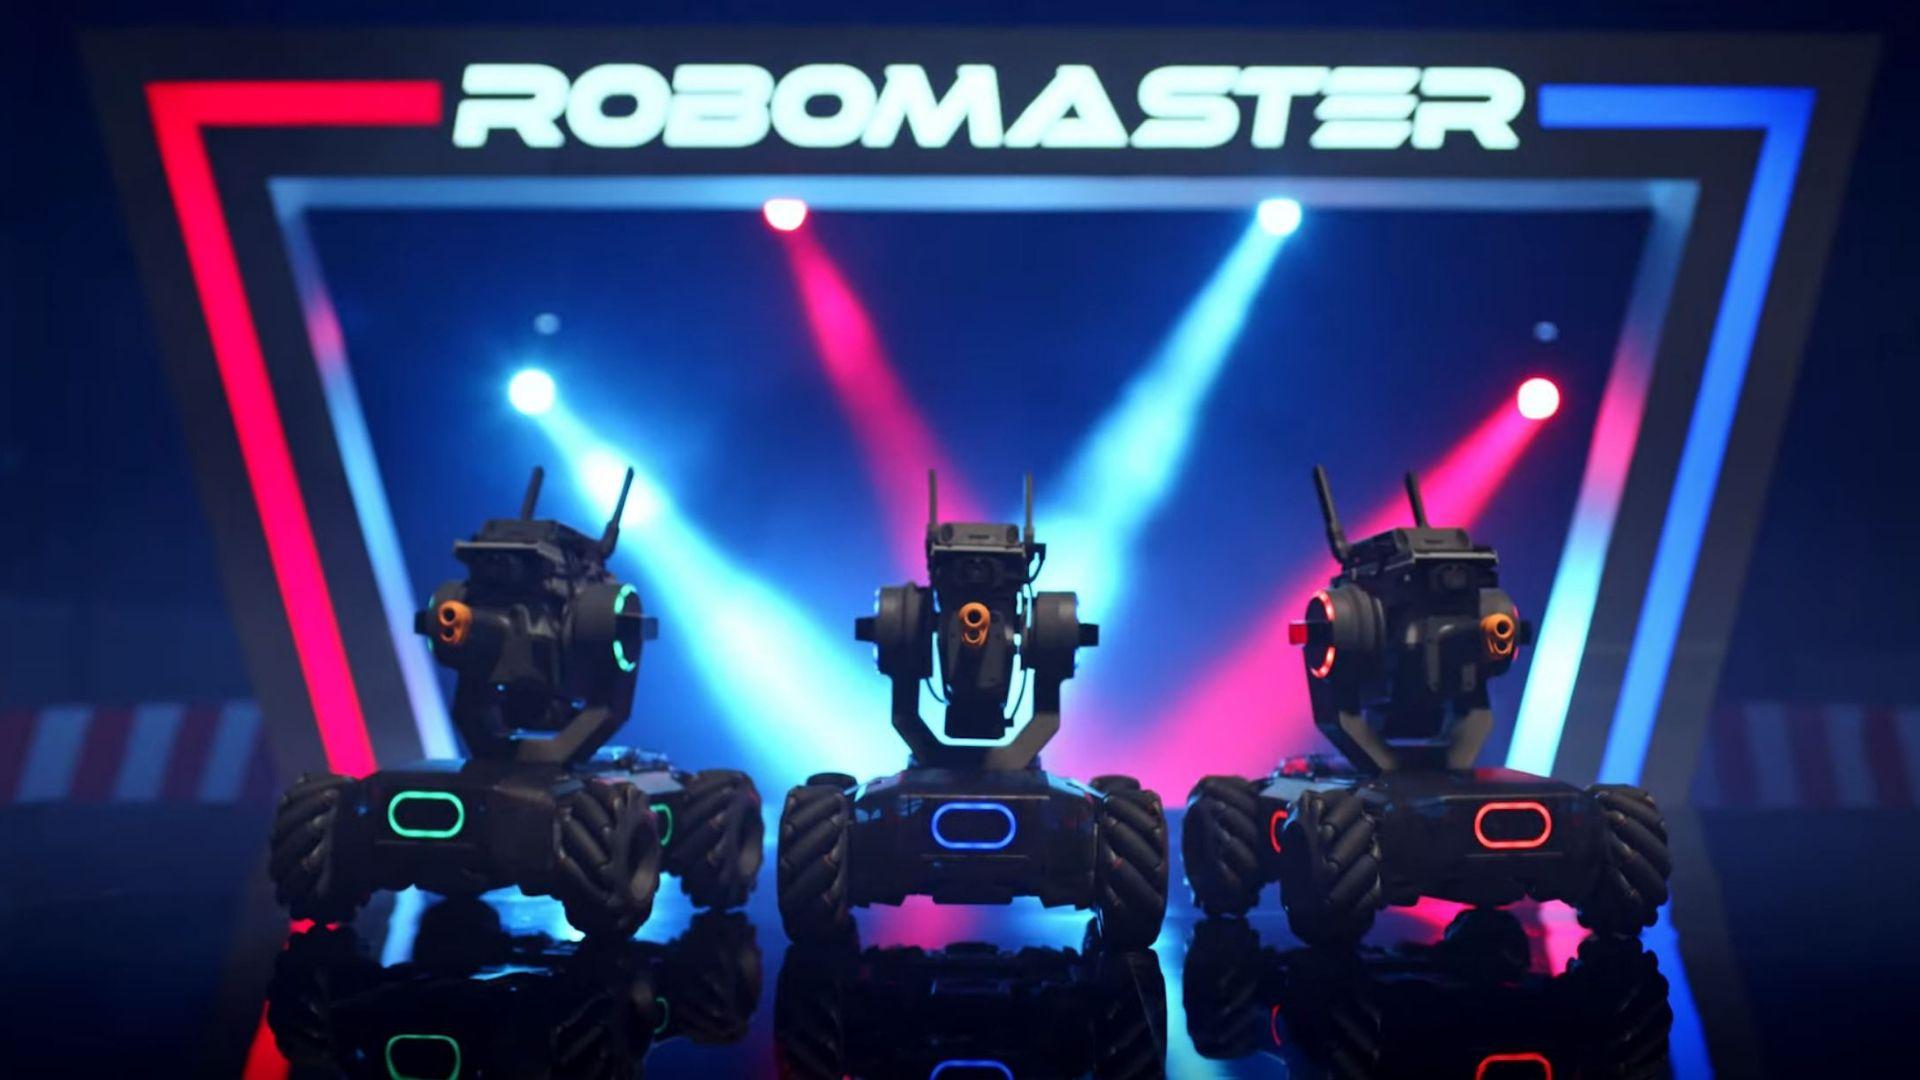 3 Robomaster DJI